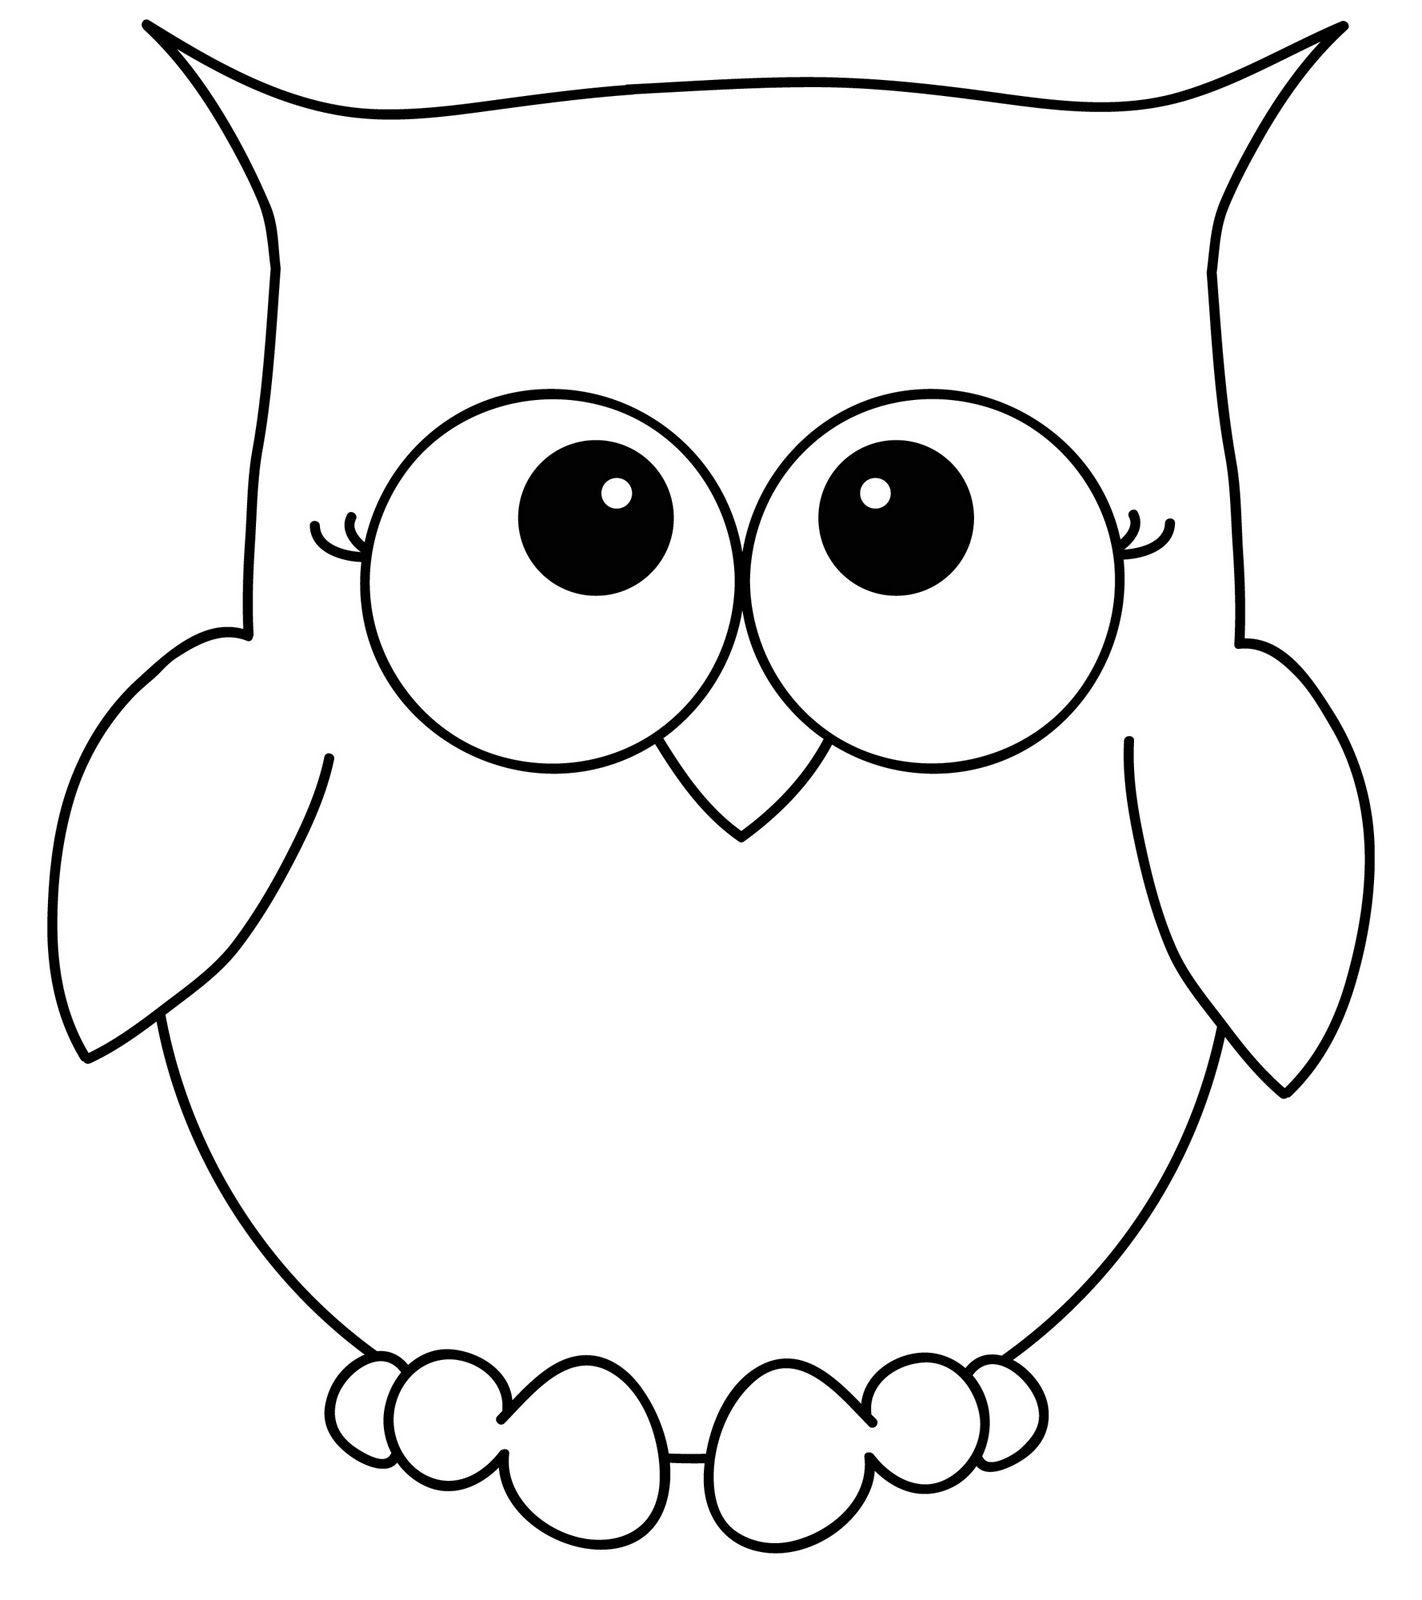 Free Digital Owl Day 2 Buhos Para Colorear Dibujos De